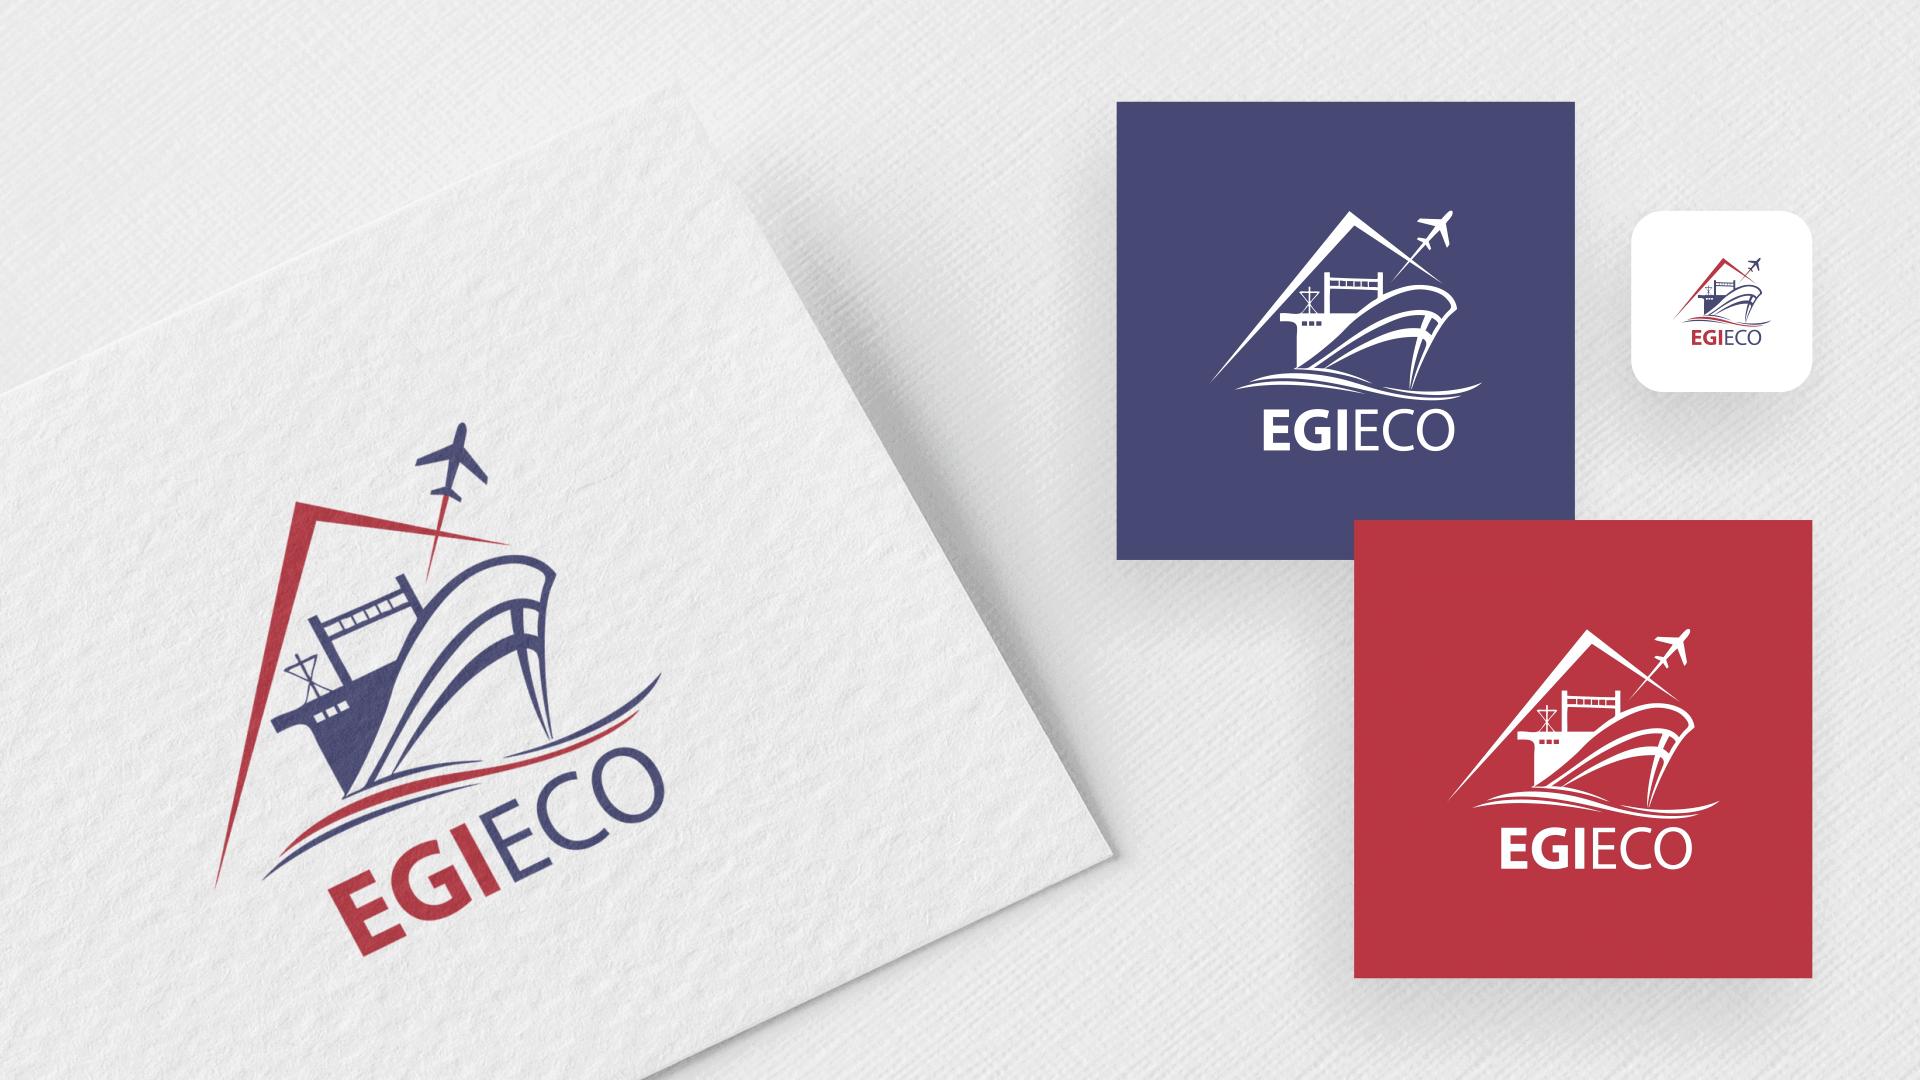 Egieco Golden Eagles